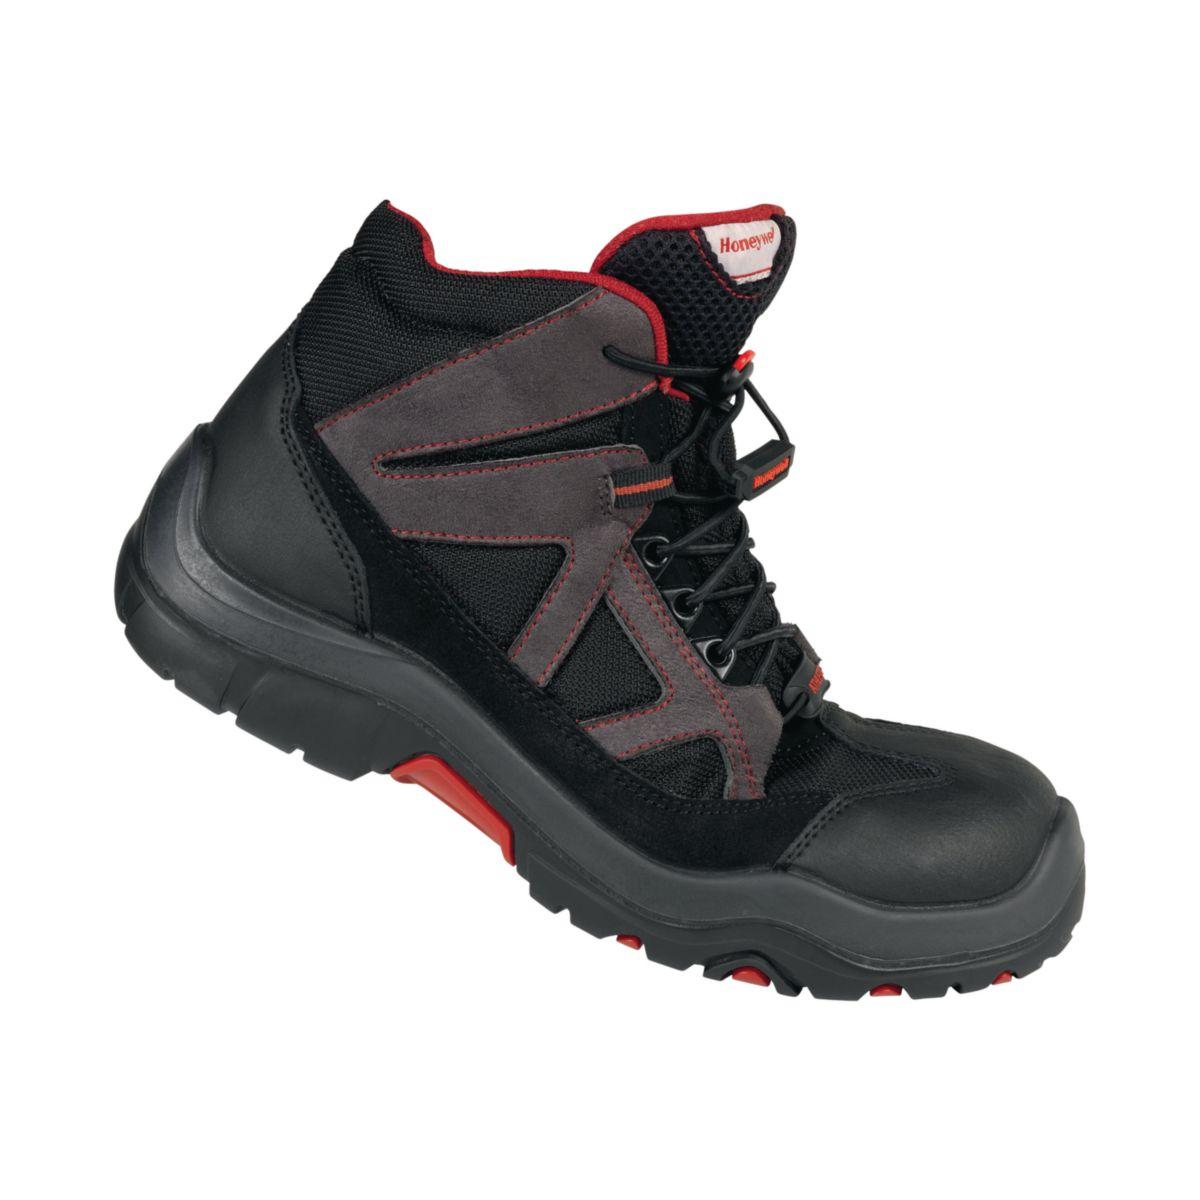 De Grisnoir Sécurité Chaussures Taille S3 Mid 43 Haute Ascender Mi Homme xthrdsCQ